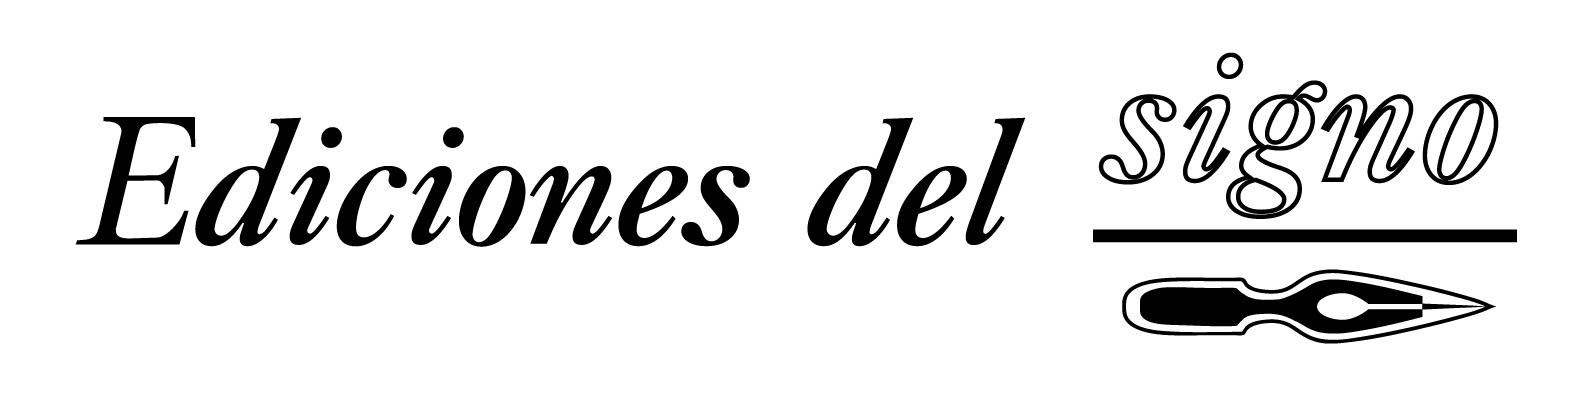 LOGO ED DEL SIGNO-01 (1) - Ediciones del Signo